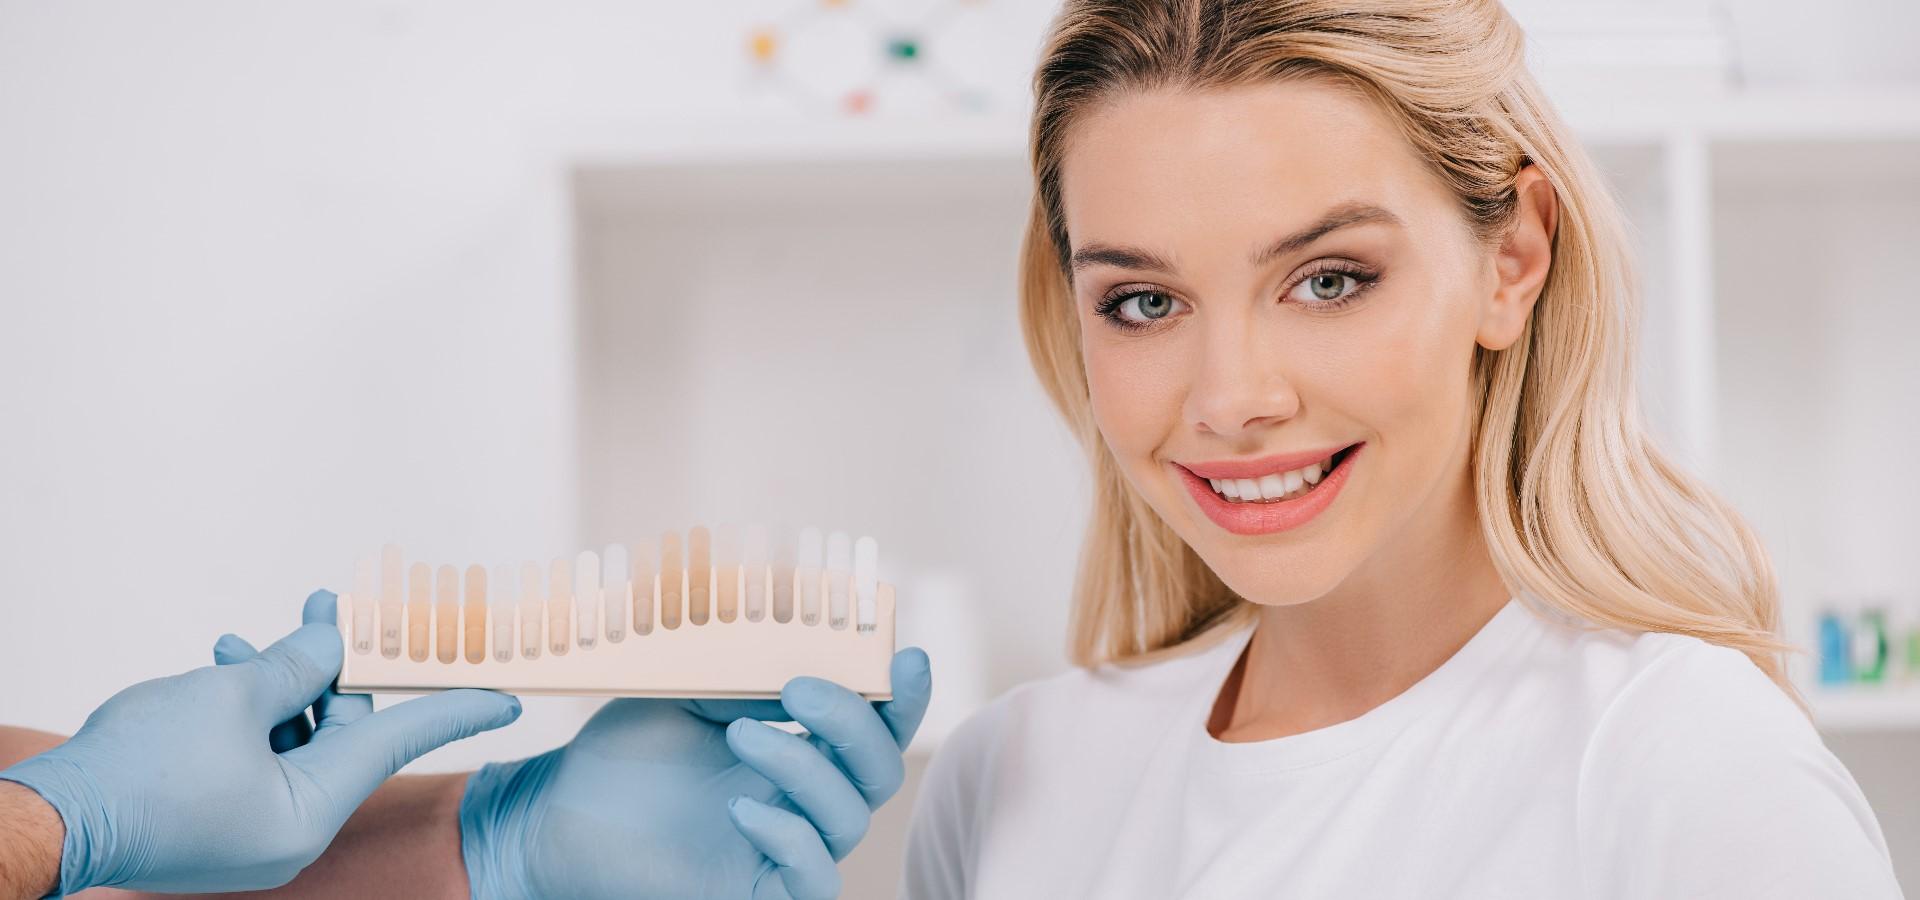 Das Ergebnis des Zahnbleachings ist nicht dauerhaft, da sich mit der Zeit erneut verfärbende Partikel auf den Zähnen festsetzen.